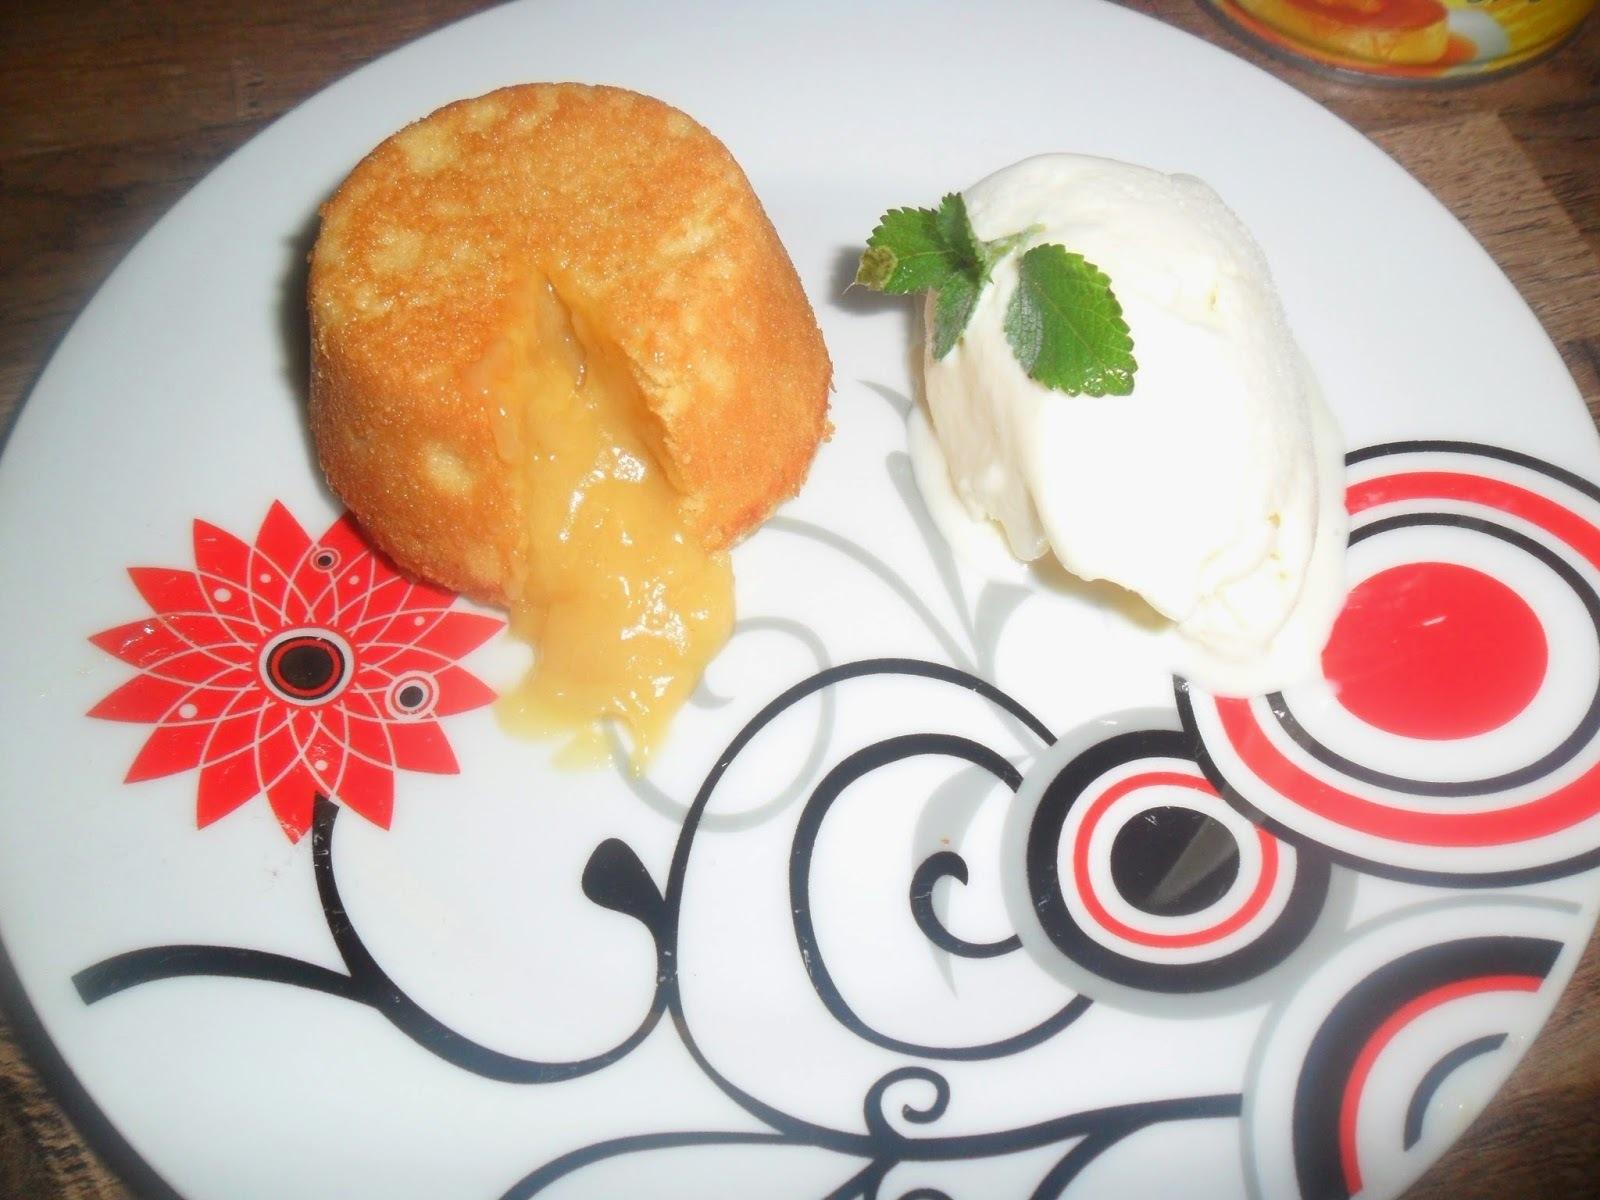 Petit gateau de doce de leite com sorvete de cupuaçu